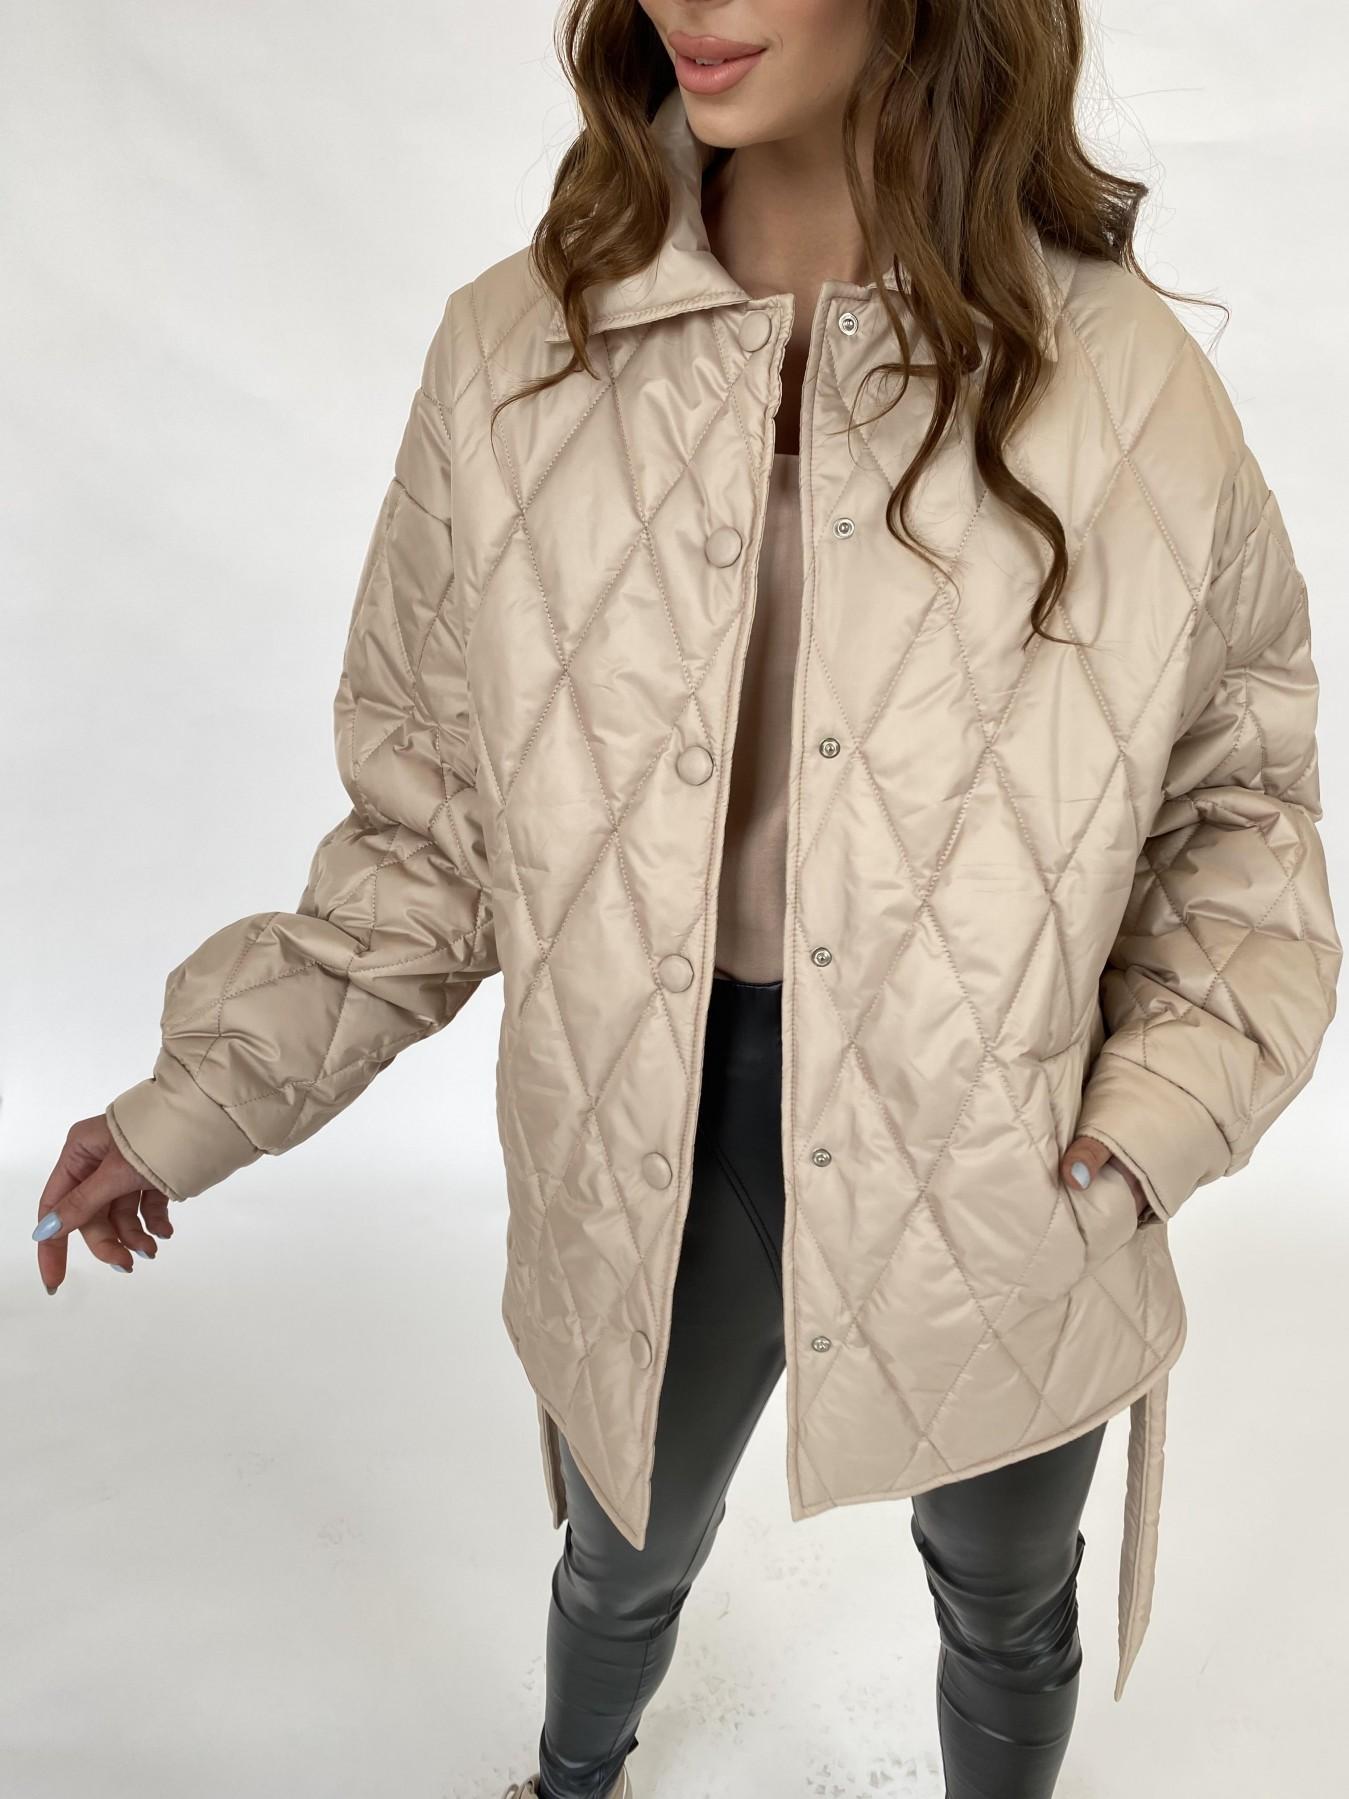 Моно  куртка из плащевой ткани Gloria 11081 АРТ. 47571 Цвет: Бежевый - фото 1, интернет магазин tm-modus.ru